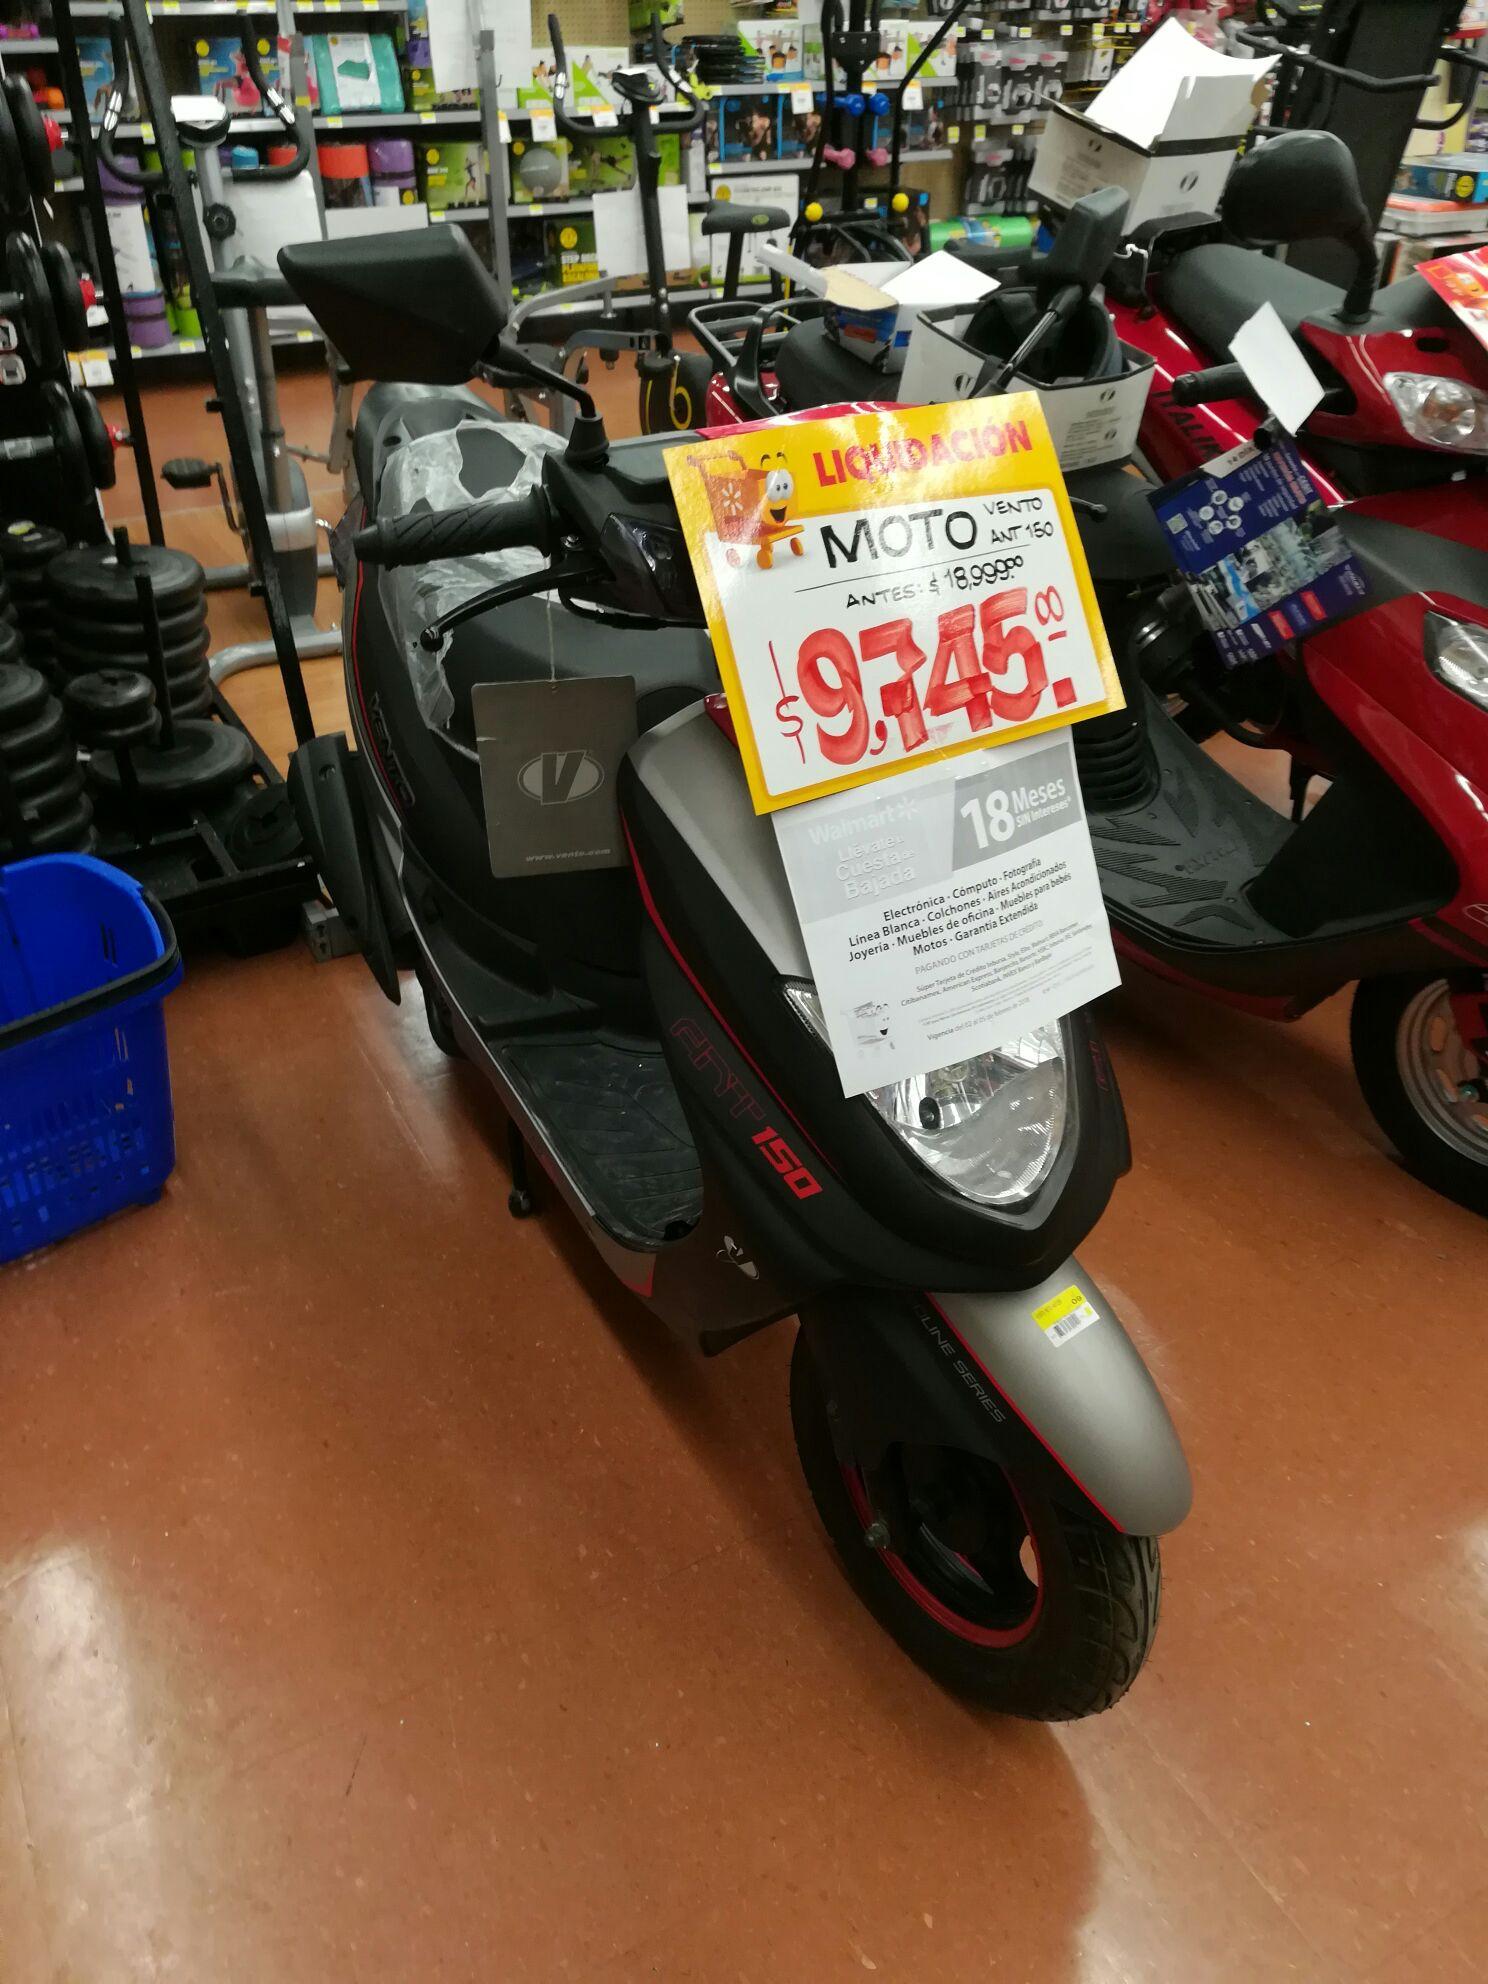 Walmart: motoneta Vento ant 150, segunda liquidación y más.